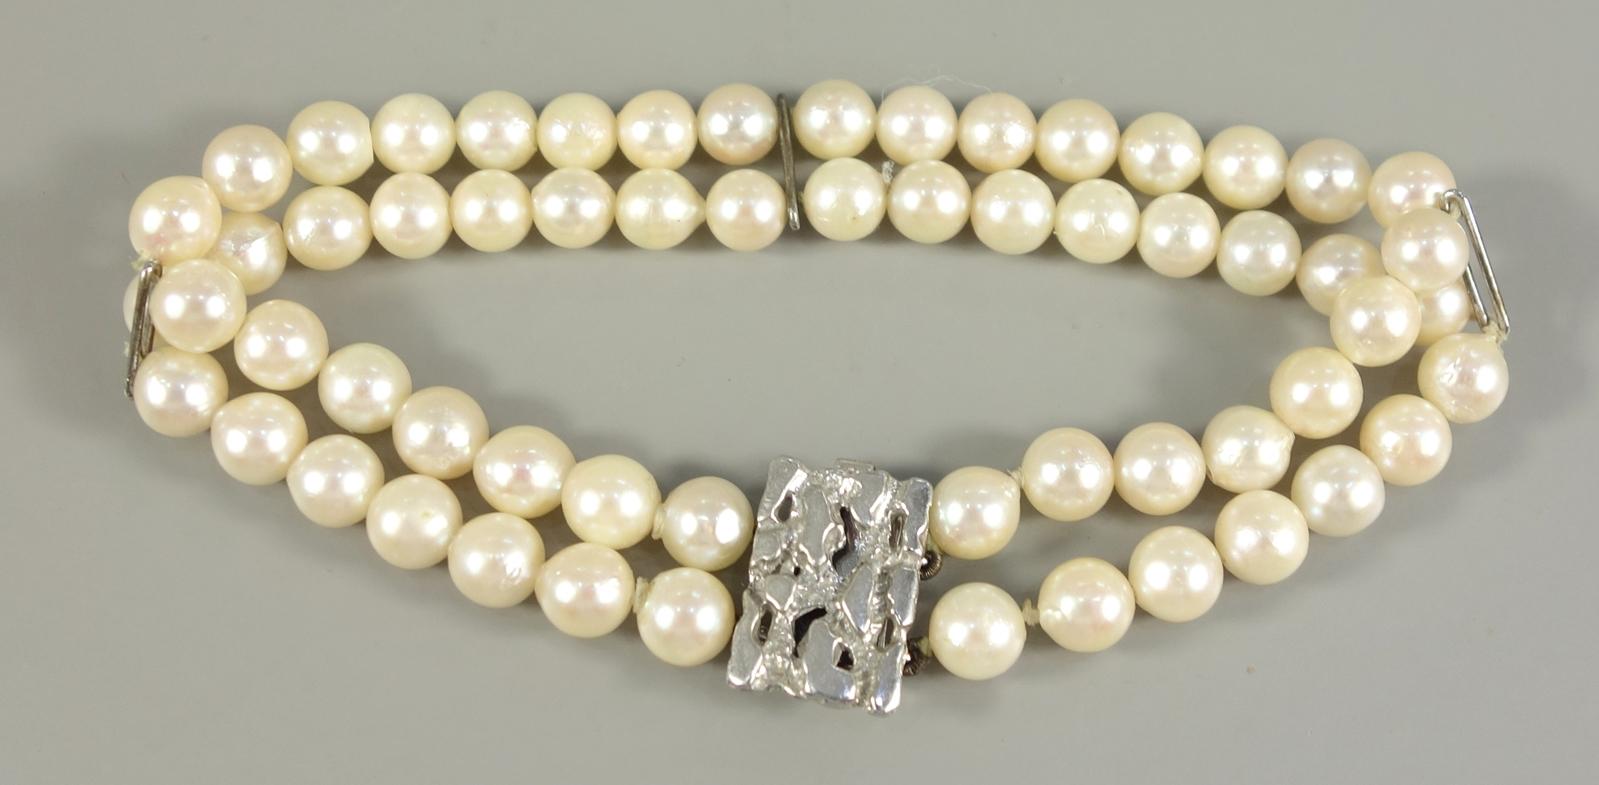 Perlenarmband, zweistrangig, 835er Silberschließe, 60 Perlen, D.je ca.5mm, verziertes